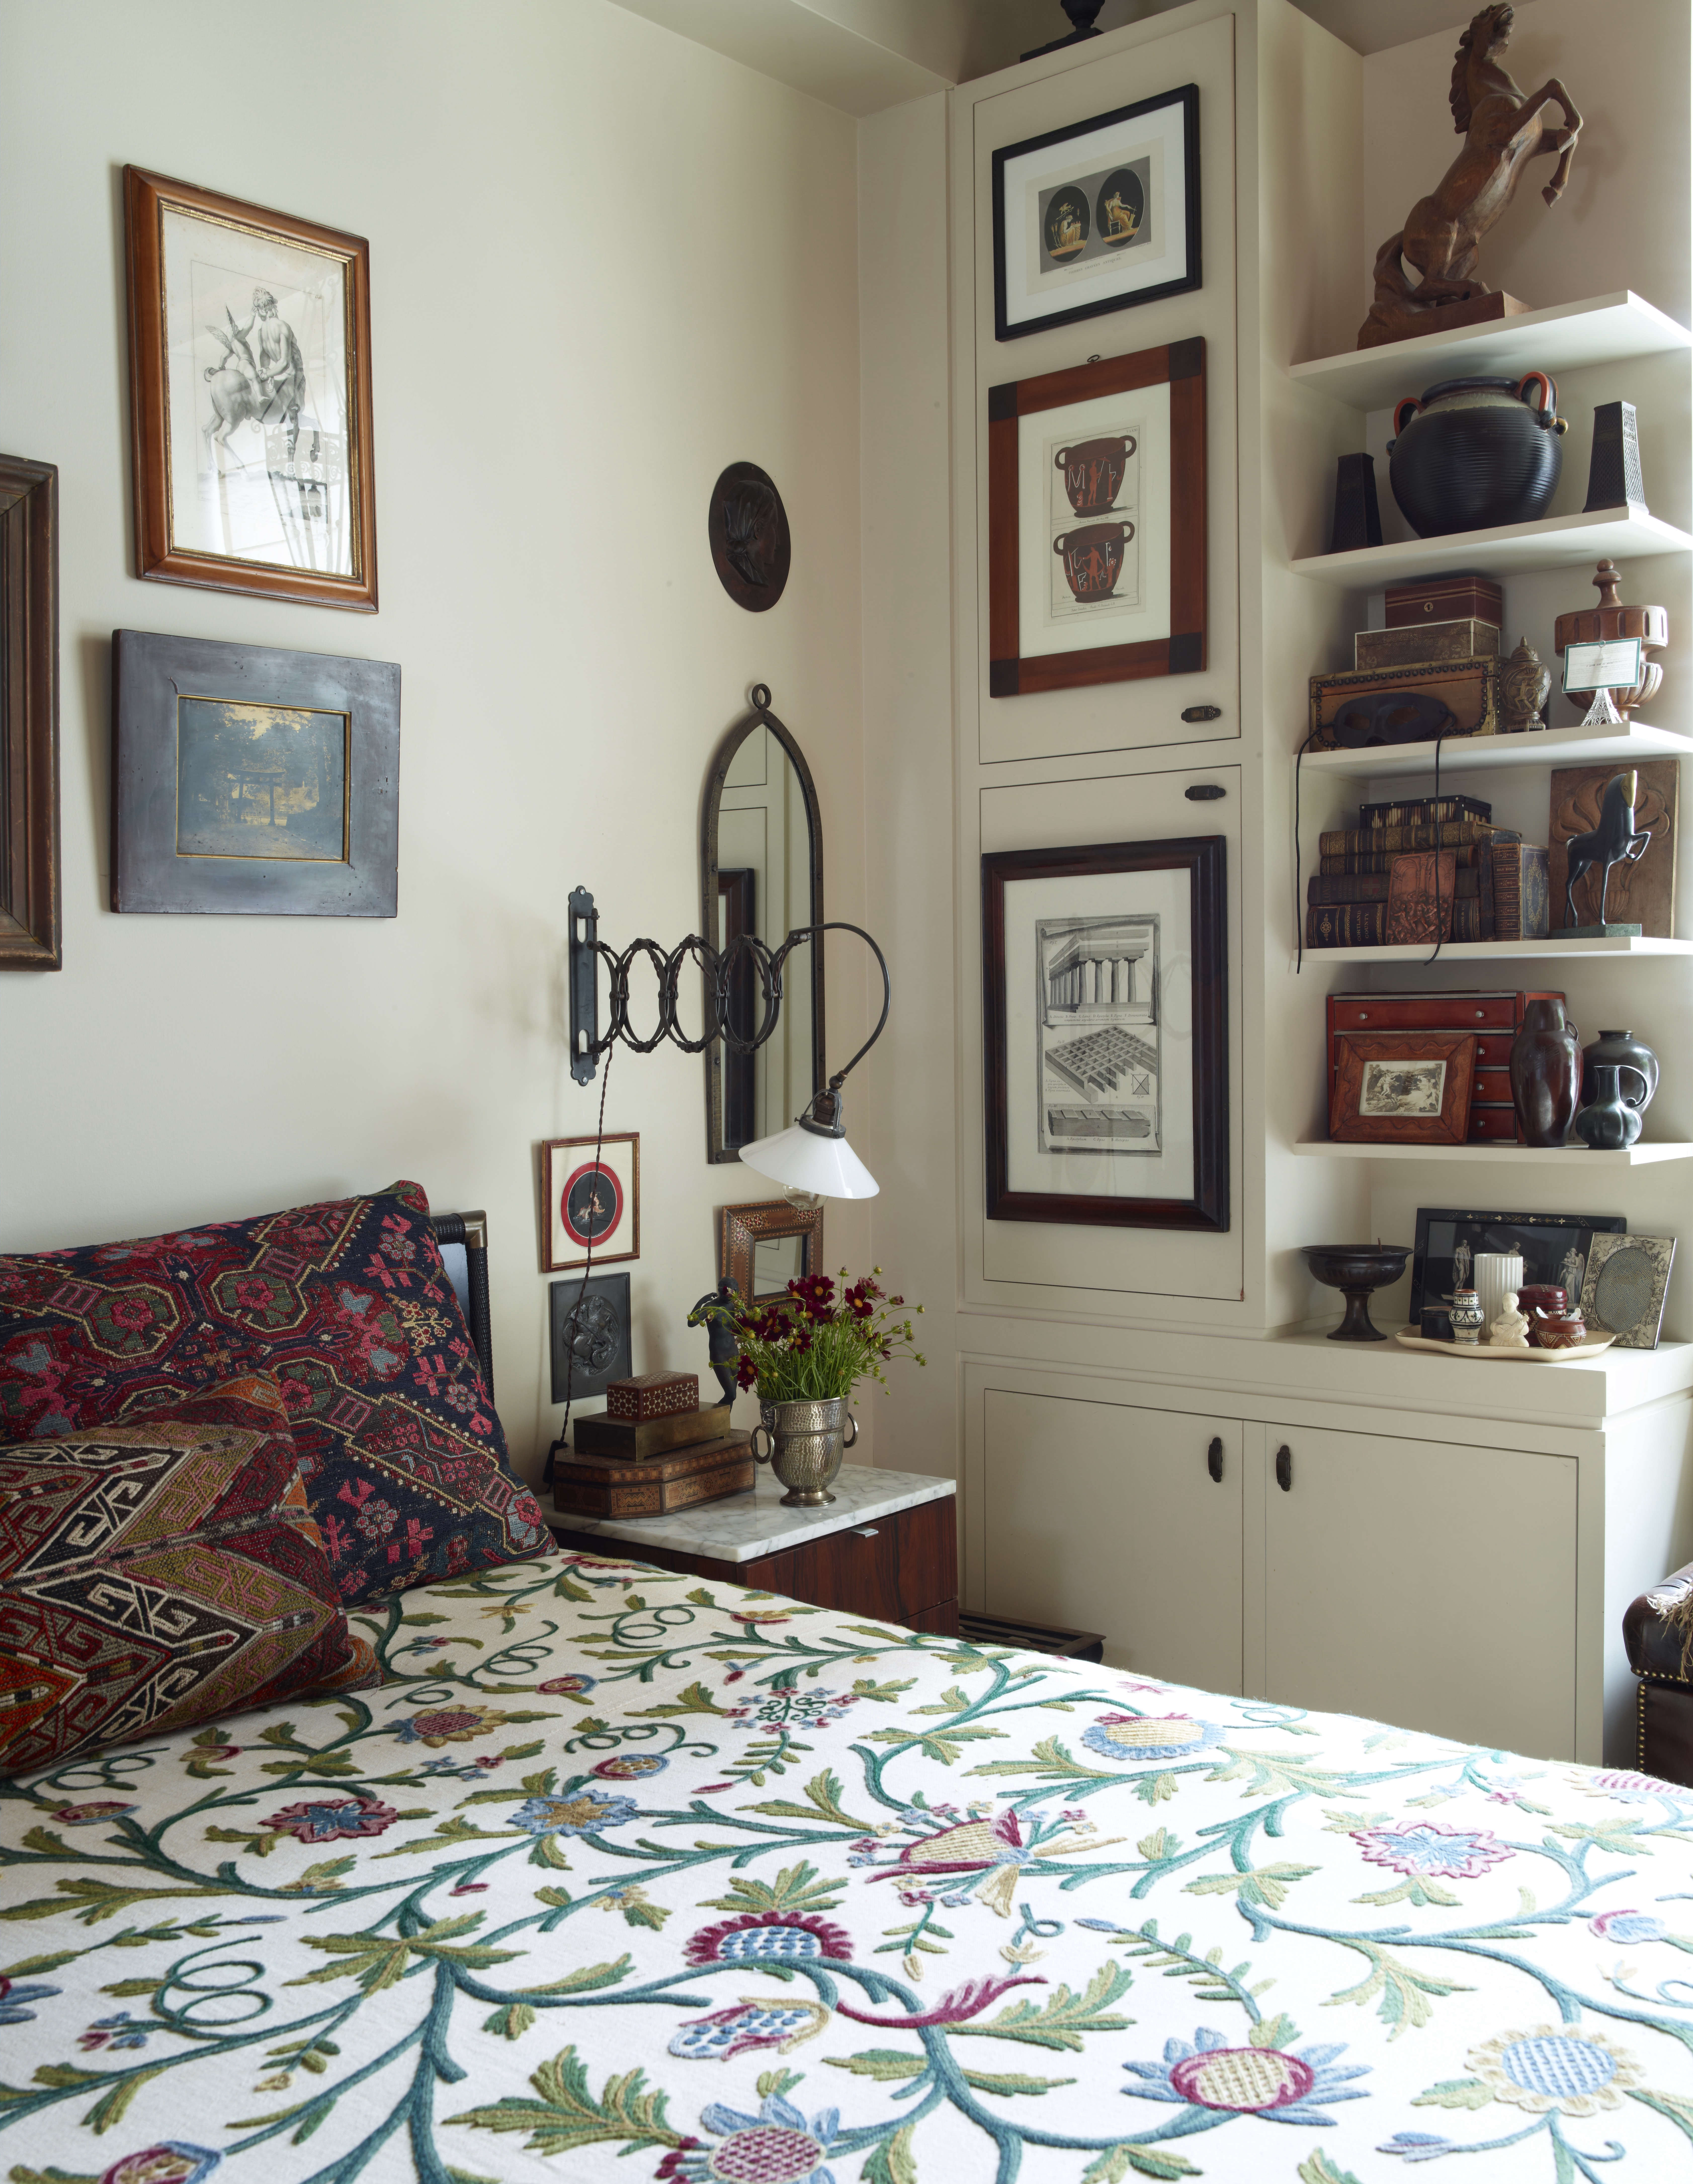 bedroom pattern print bedspread alexandra loew artwork walls eclectic 18